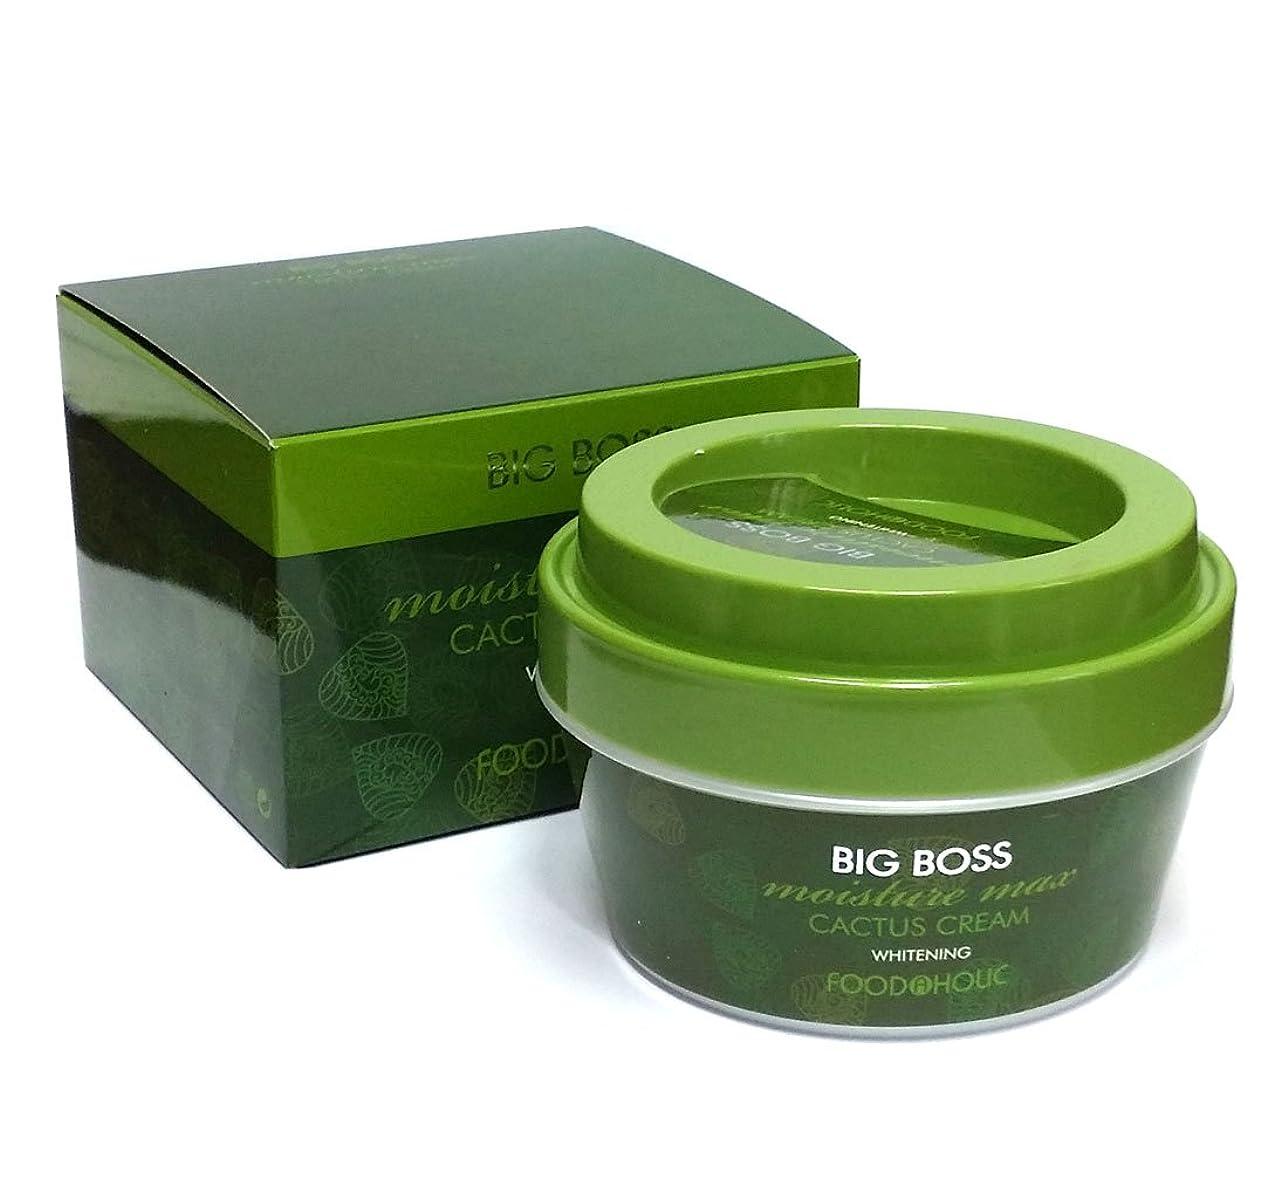 克服するスリップ化学者[FoodaHolic] ビッグボスモイスチャーマックスサボテンクリーム300g / Big Boss Moisture Max Cactus Cream 300g / ホワイトニング / Whitening / 韓国化粧品 / Korean Cosmetics [並行輸入品]